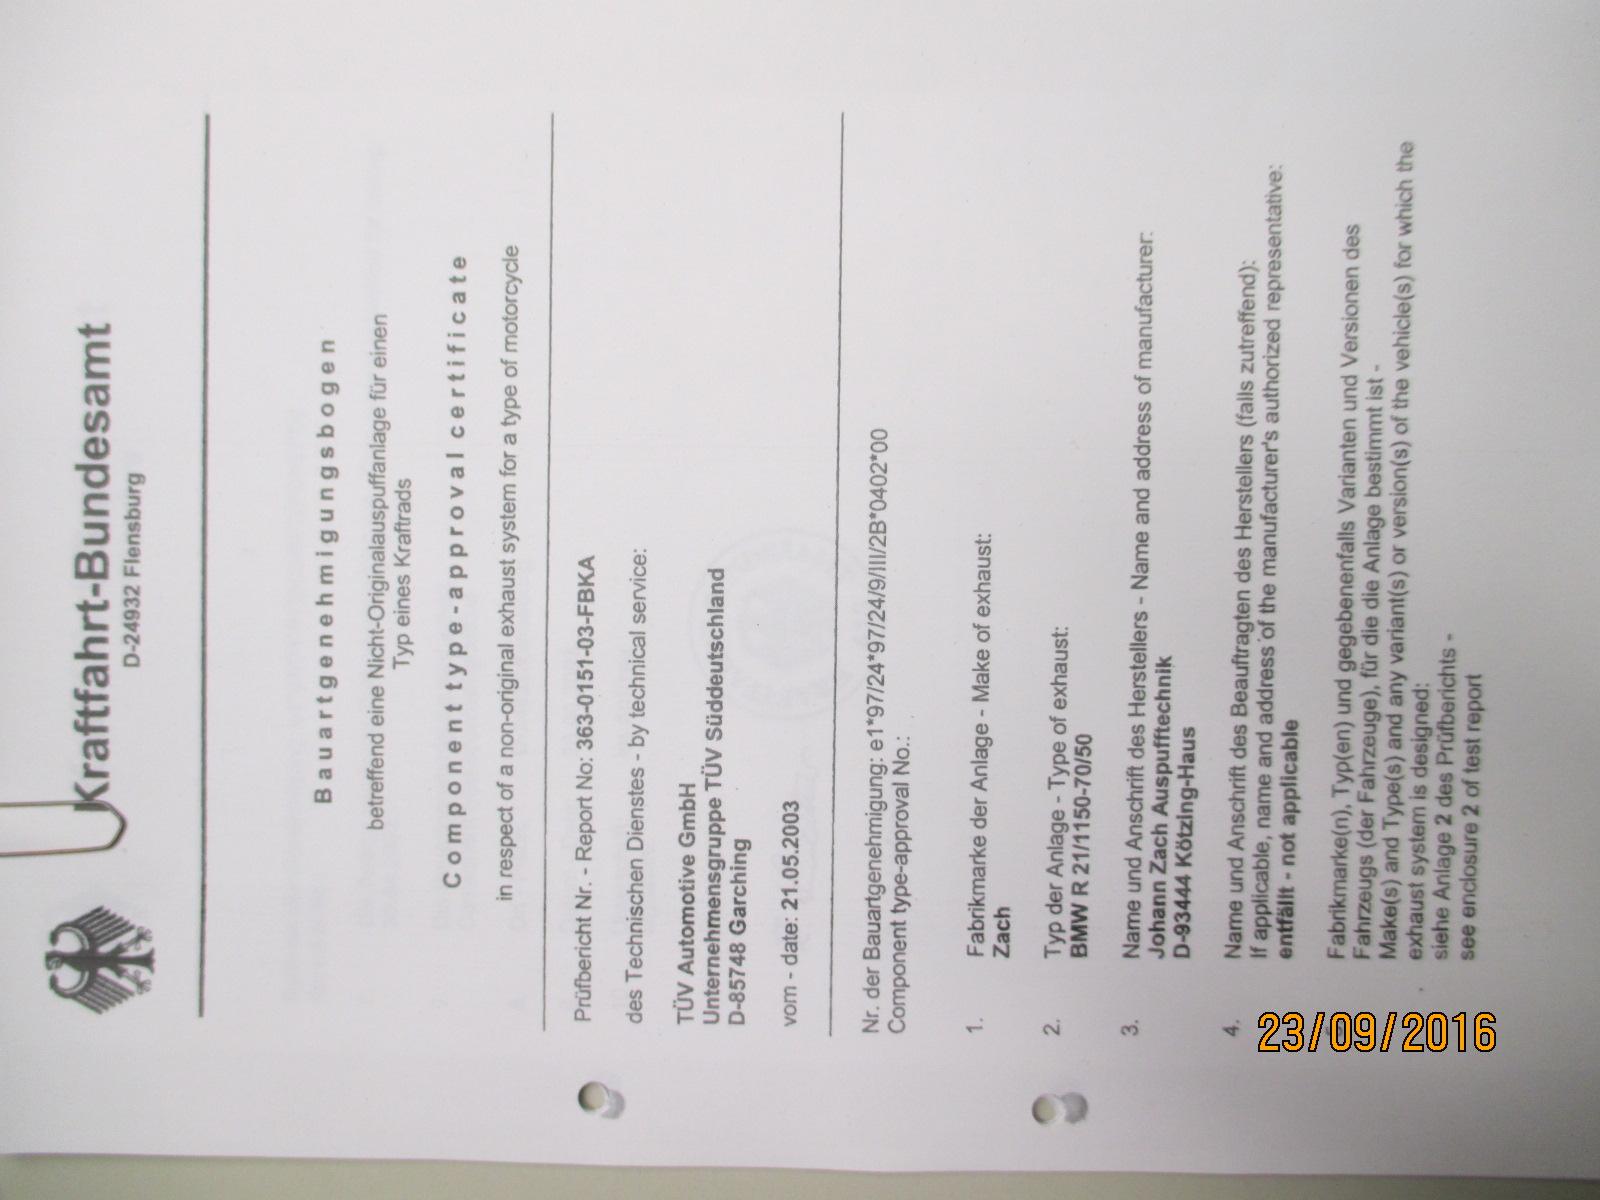 zach-bauartgenehmigung-kba.jpg